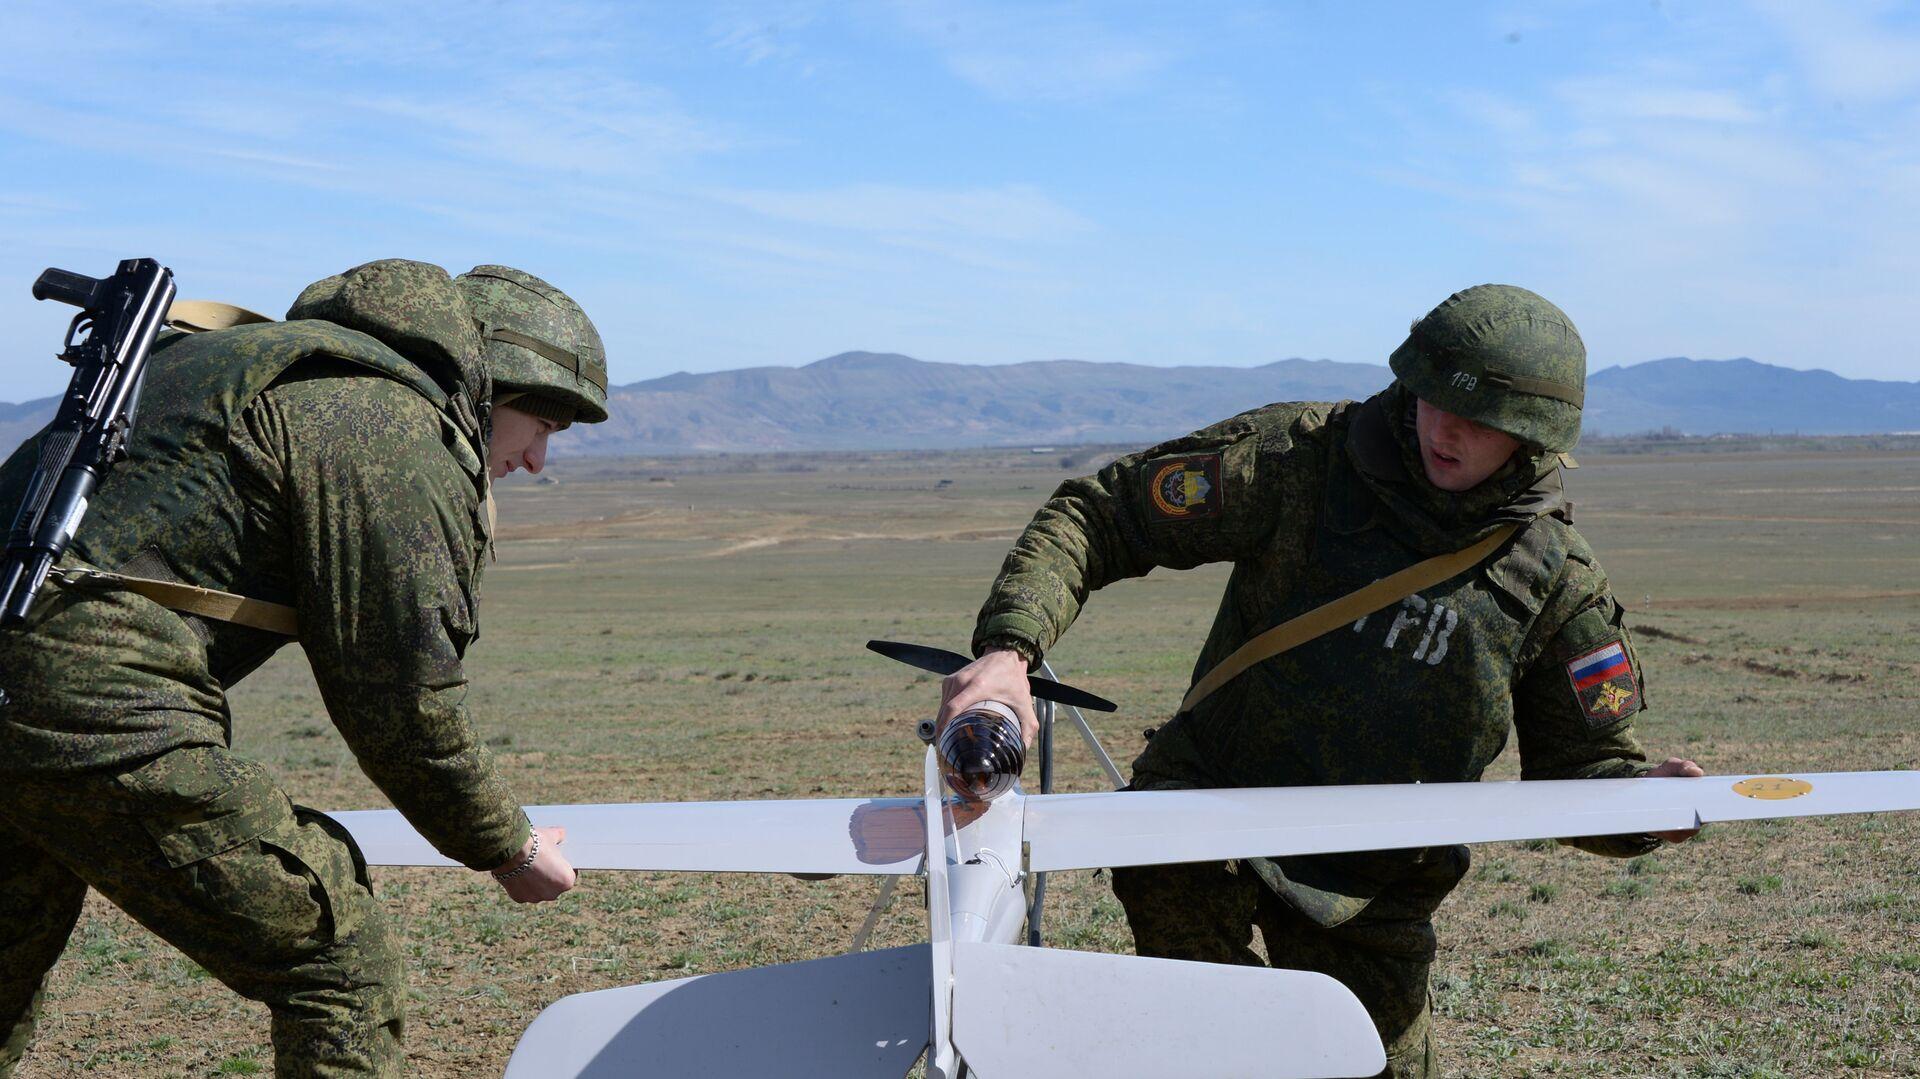 Военнослужащие готовят к полету беспилотный летательный аппарат (БЛА) во время учений - РИА Новости, 1920, 04.10.2021